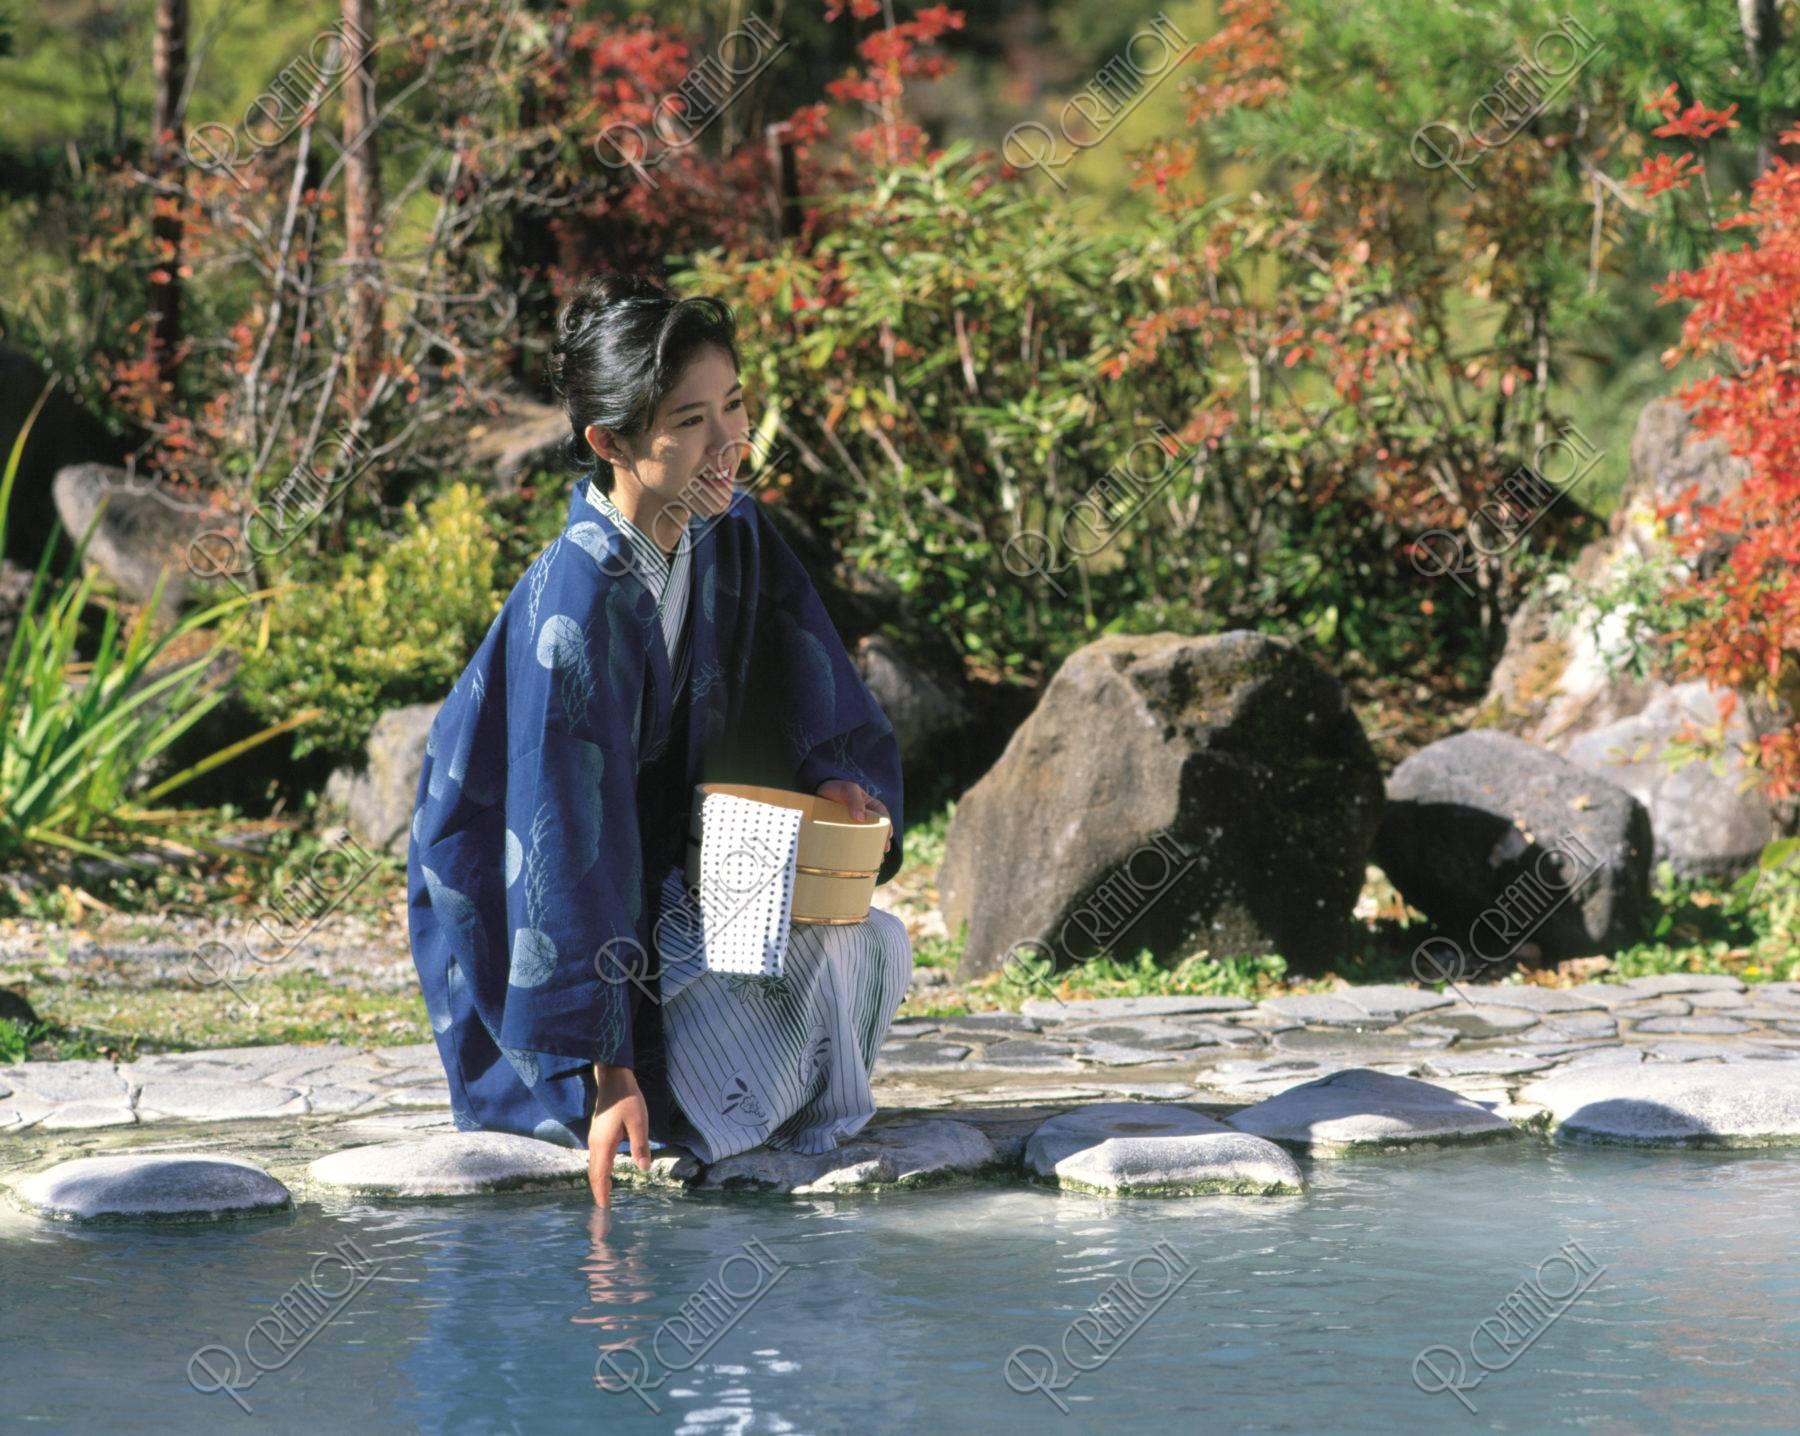 露天風呂と浴衣の女性